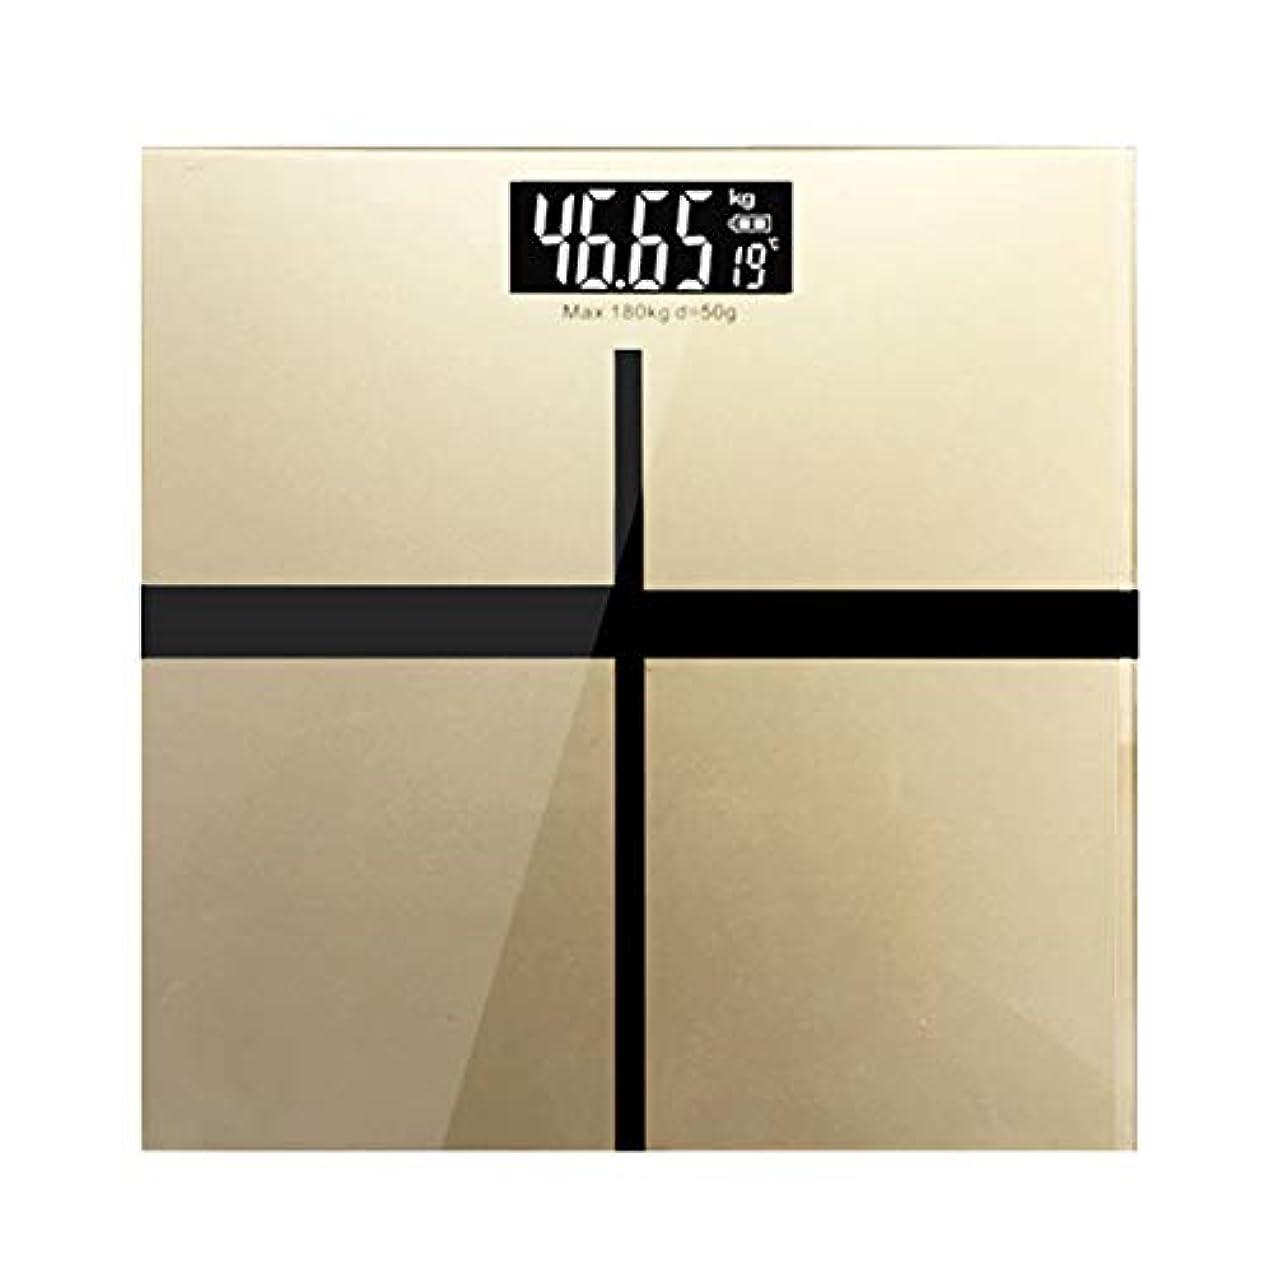 テロリストコンプライアンス急いで超スリムデジタル体重計, 高精度センサーと強化ガラス付き 読みやすい, 体重をkgまたはlbで測ります, クイックタップスタート スマートな電子はかり,Gold